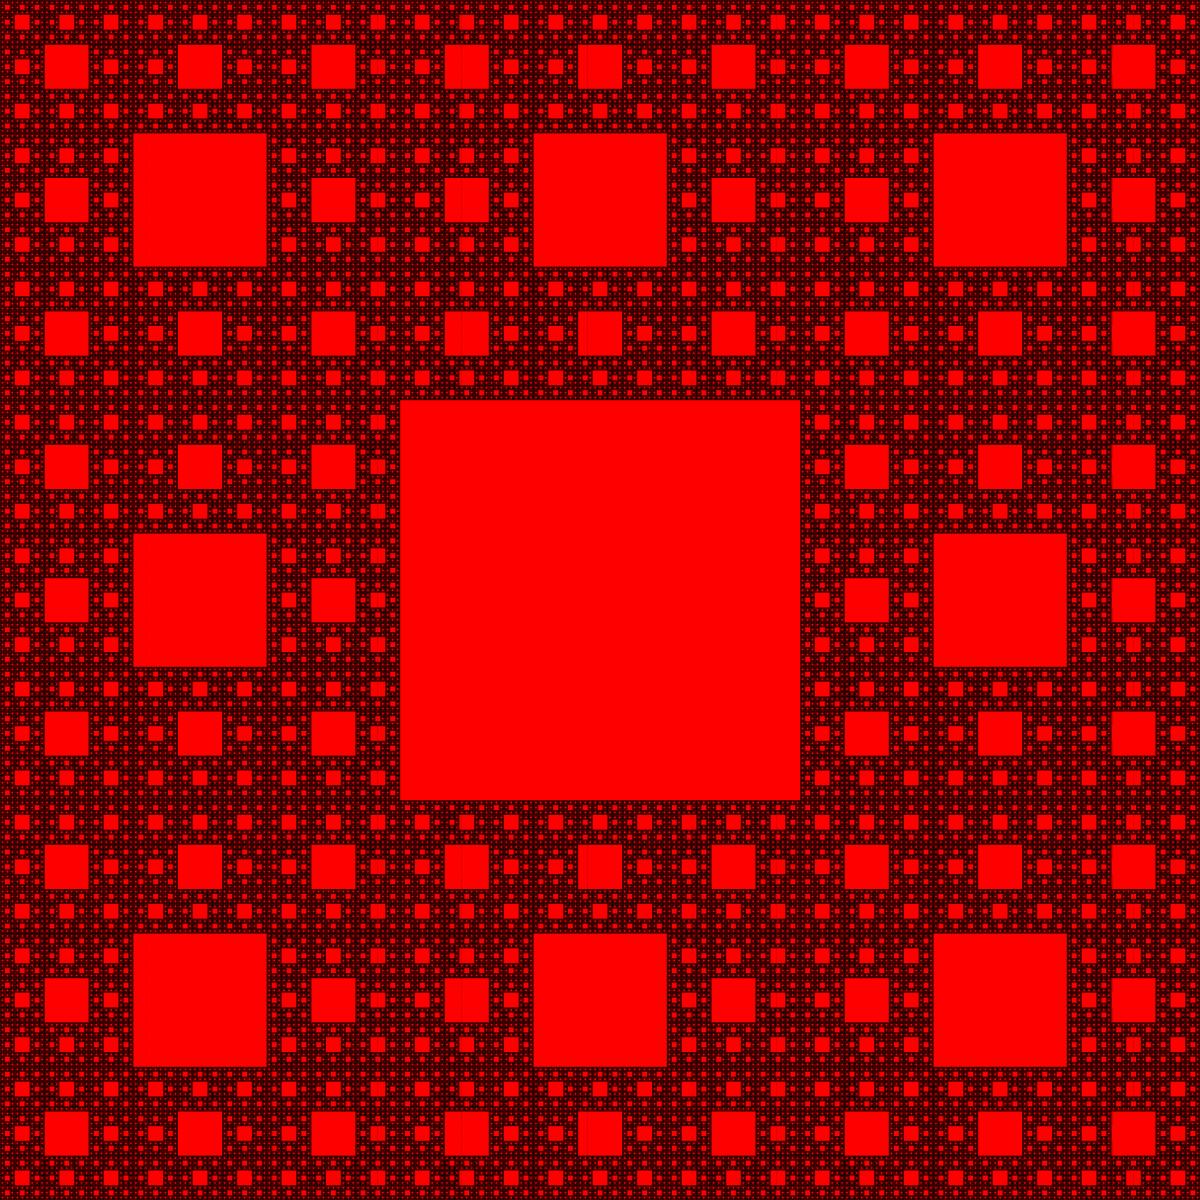 Alfombra de sierpinski wikipedia la enciclopedia libre - Alfombras dibujos geometricos ...